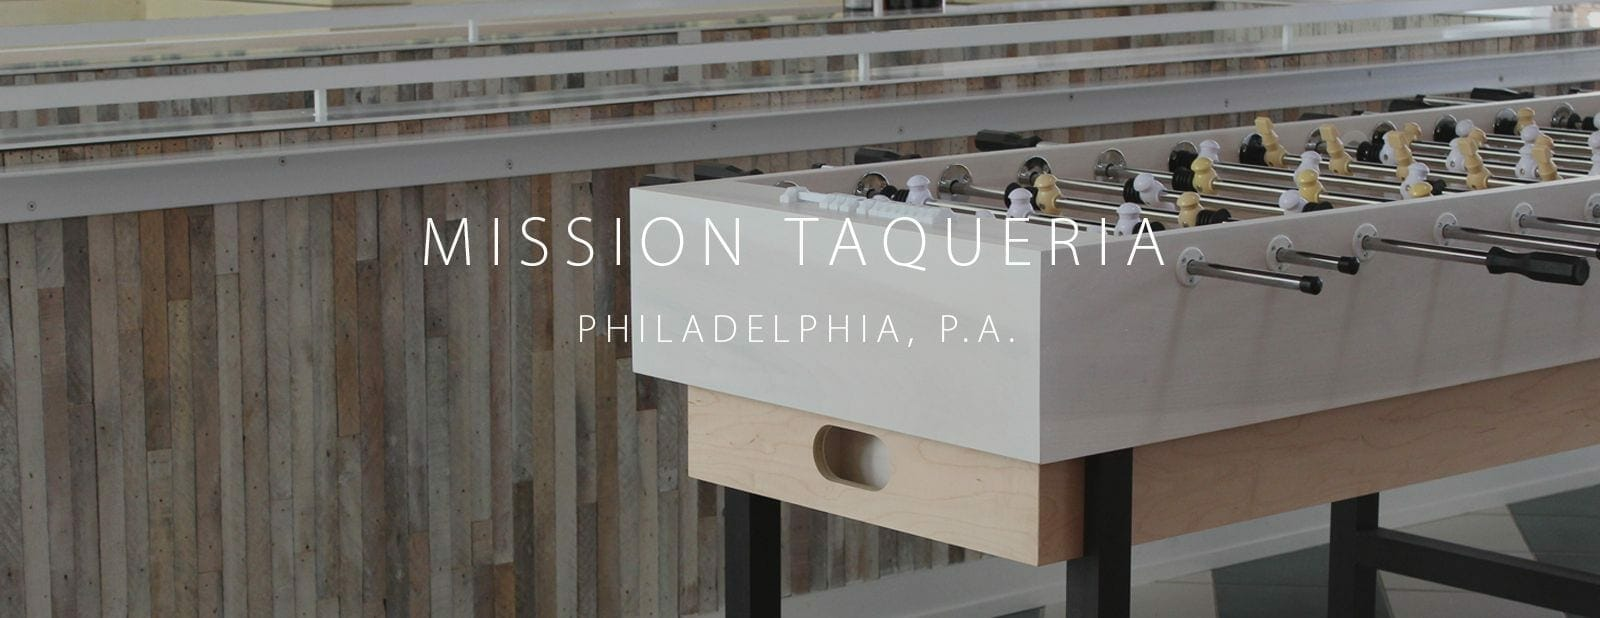 Mission Taqueria